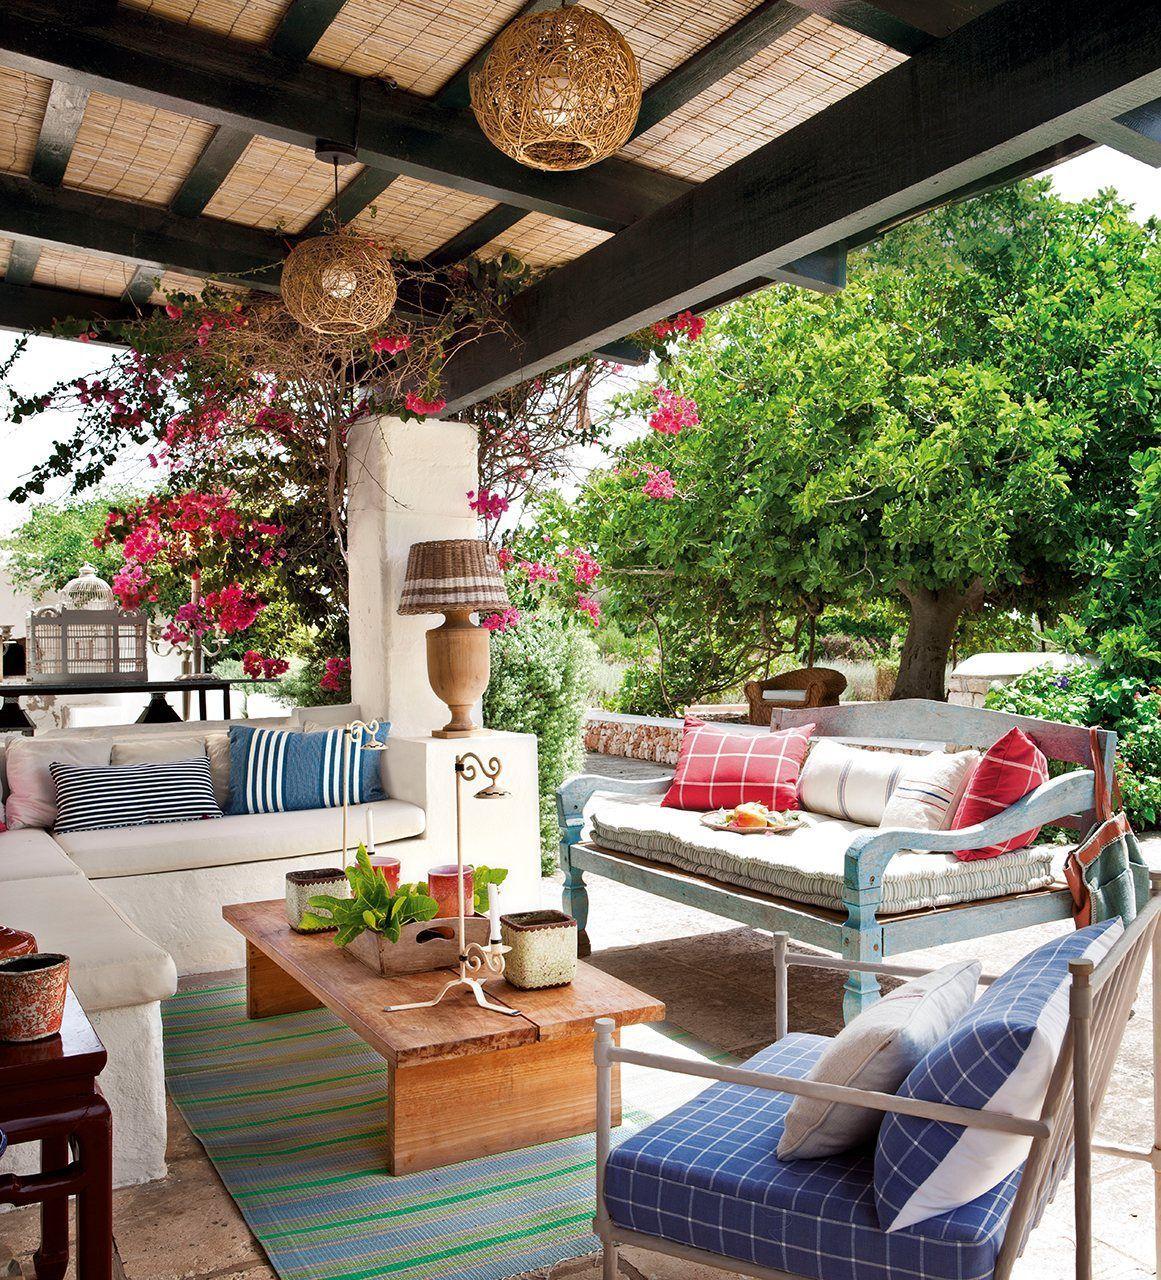 S cale el m ximo partido a tu terraza con este genial tip para decorar terrazas decoraci n - Porches de casas de campo ...